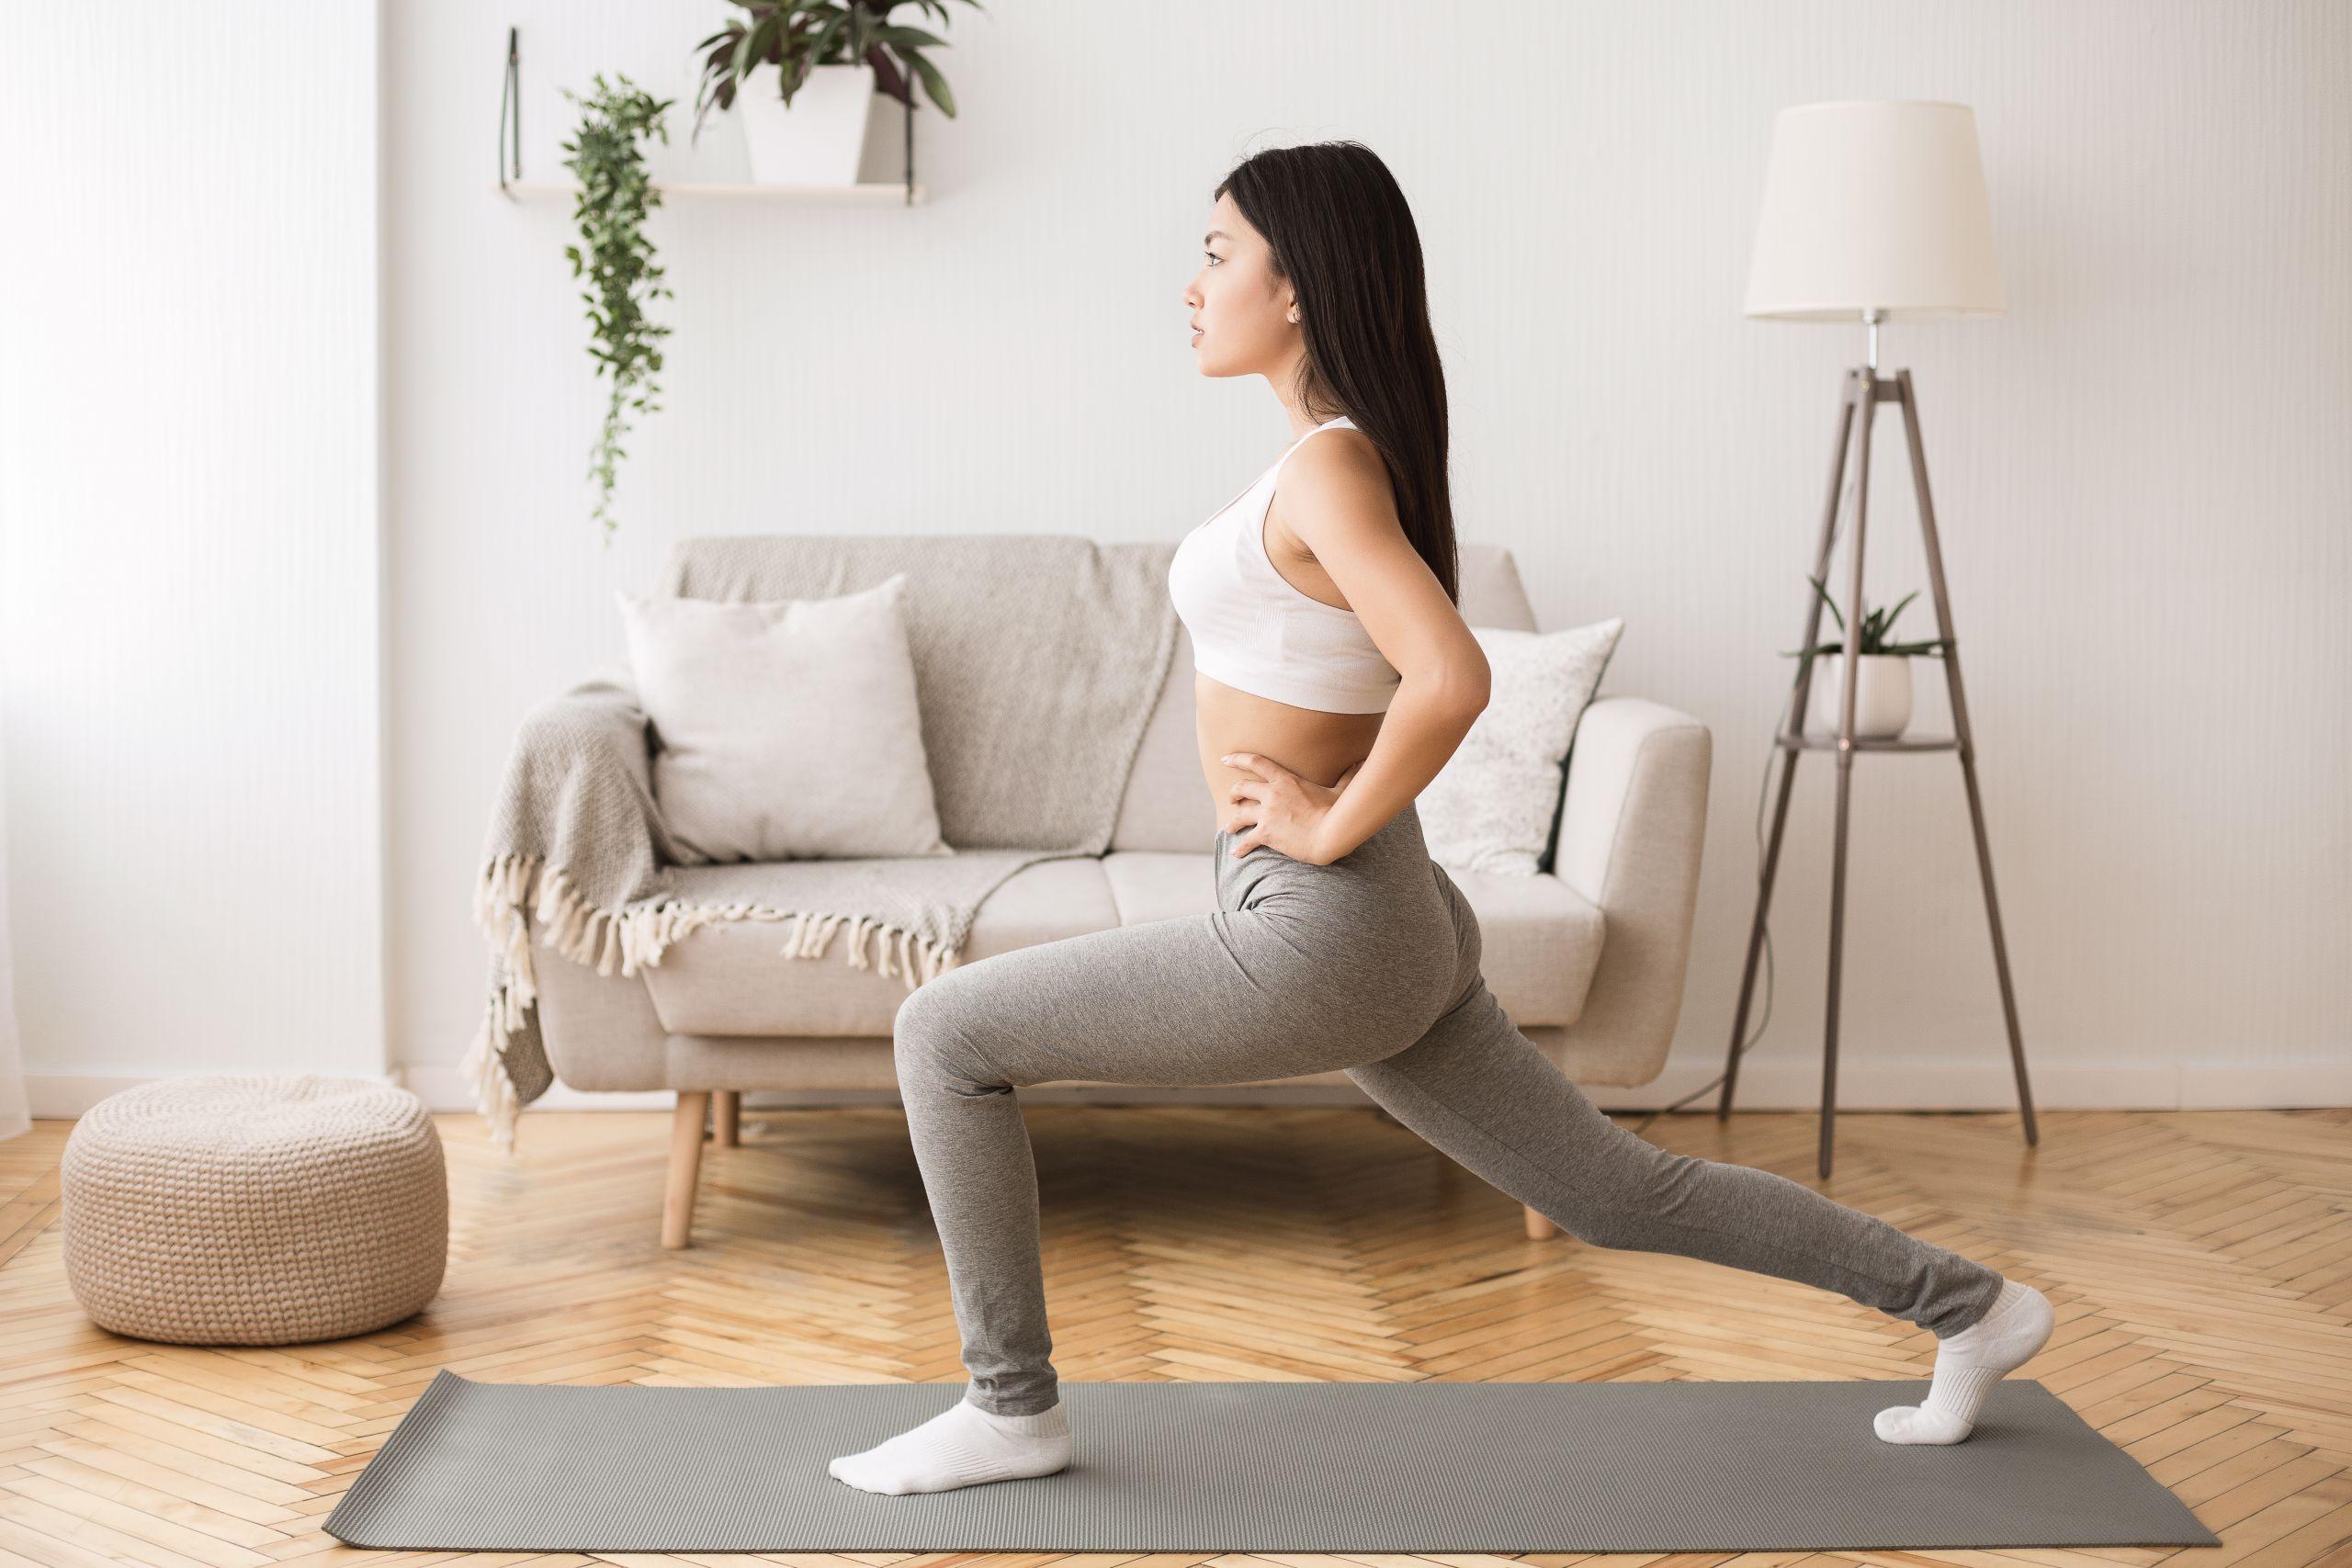 Γυμναστική προθέρμανση μυς: Η αποδοτικότερη άσκηση για προθέρμανση των μυών [vid]